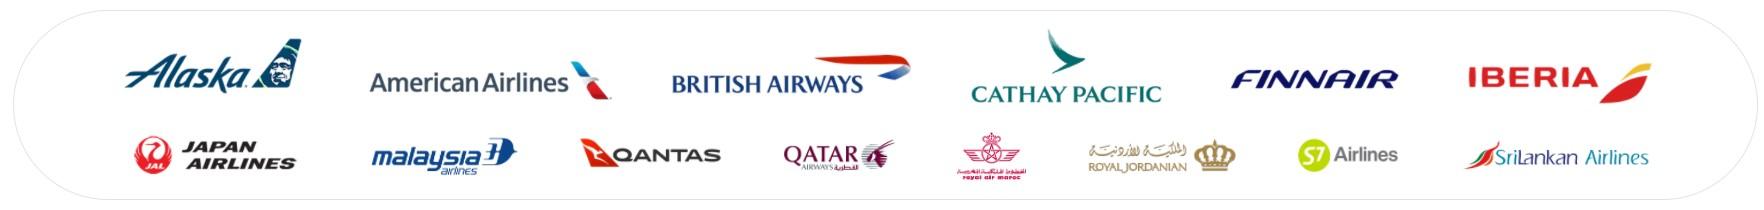 Alaska Airlines – в oneworld: что изменилось?